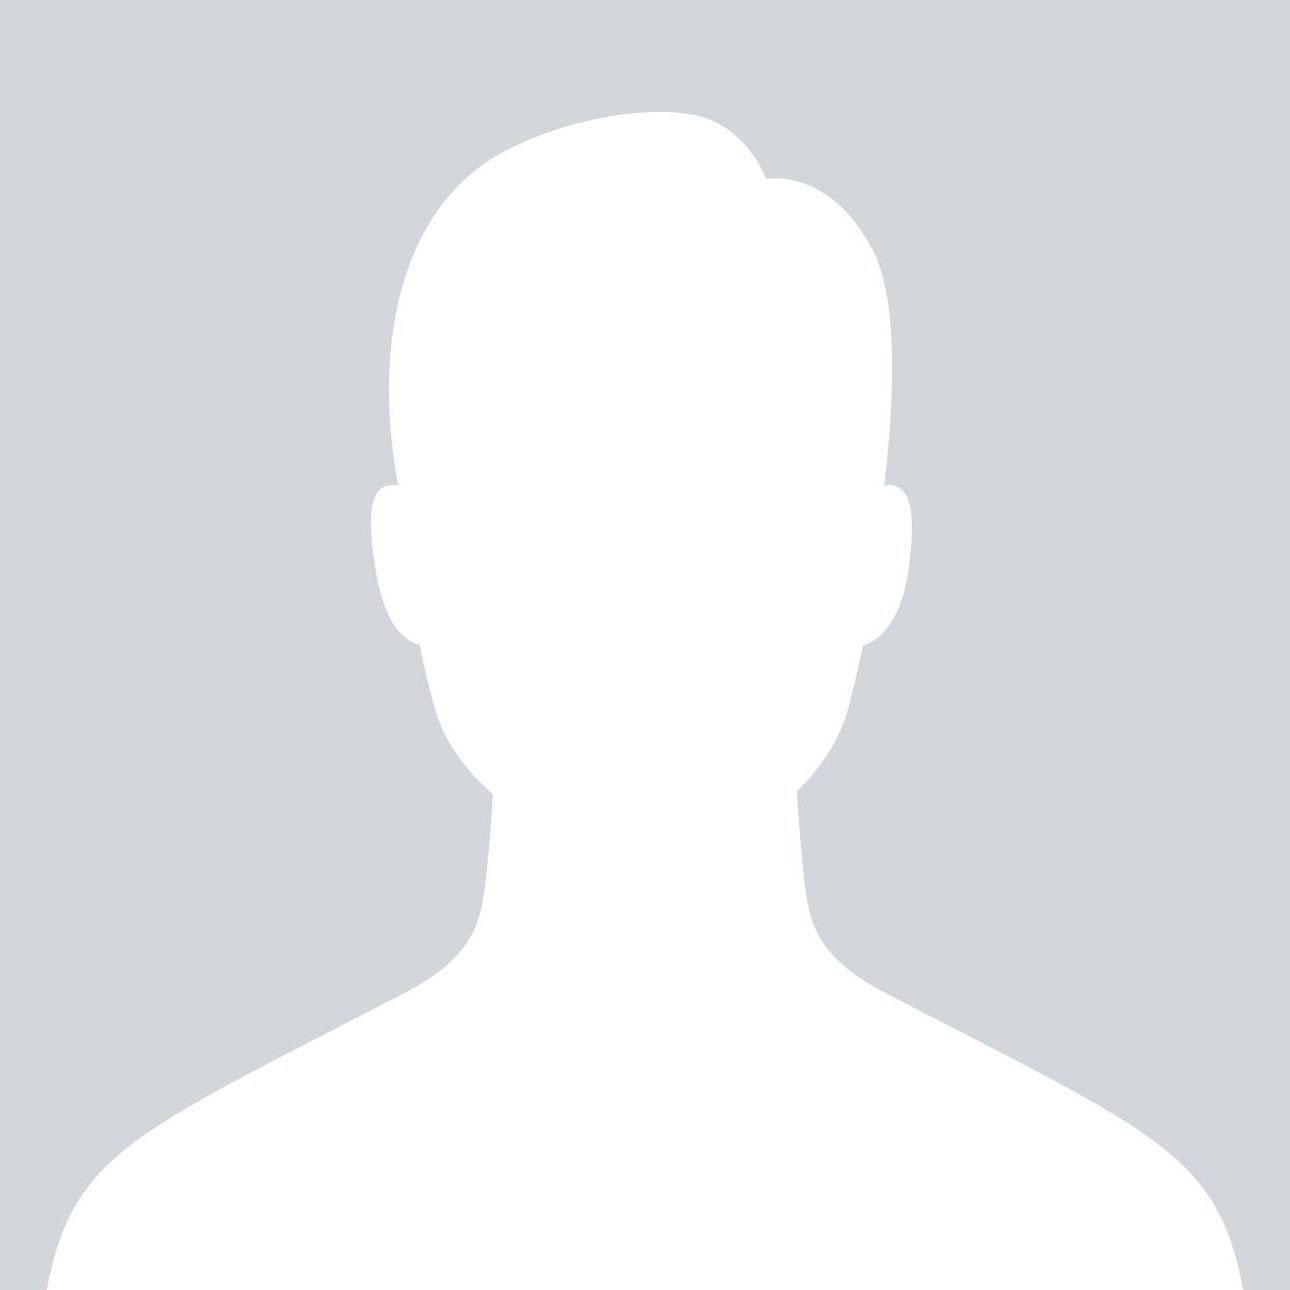 без картинка без аватарки визитом тату-салон первым